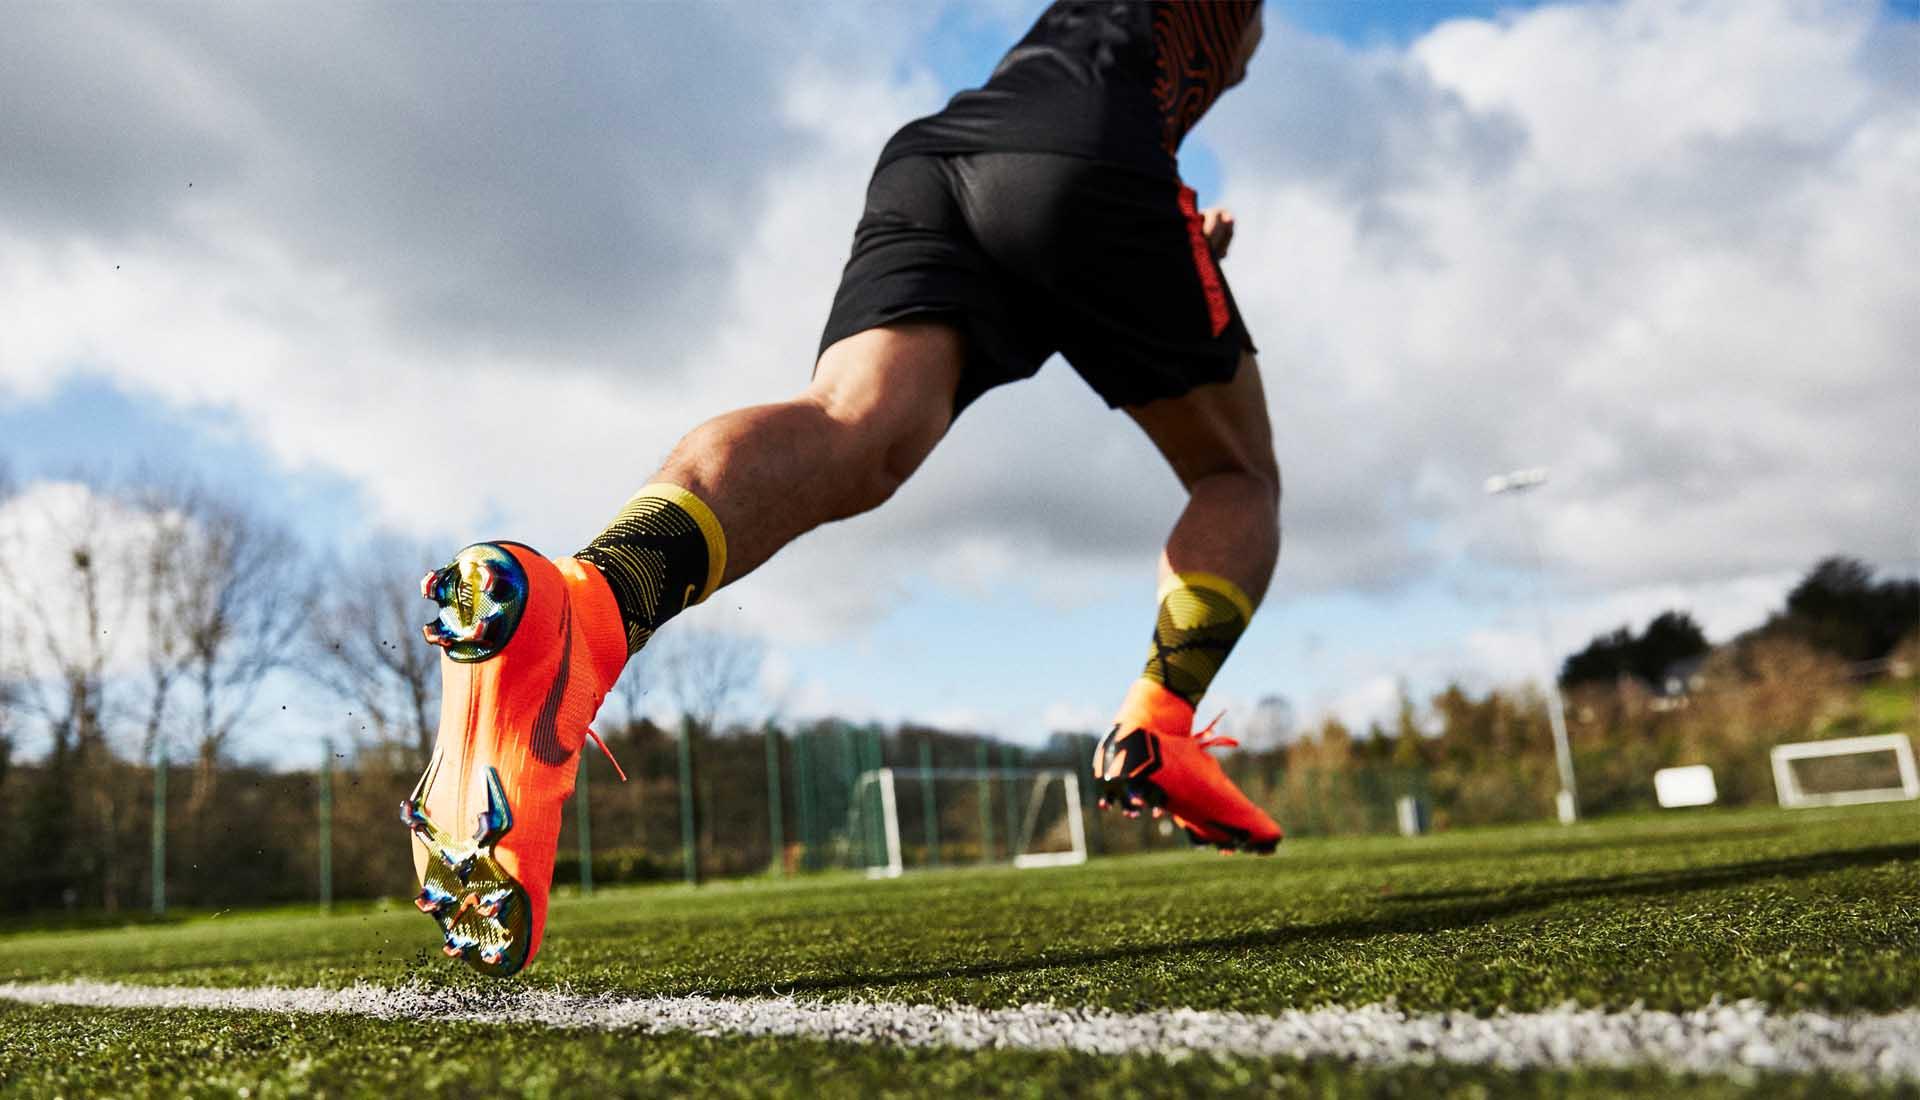 Việc lựa chọn sử dụng giày đá bóng đinh FG hay SG sẽ phụ thuộc vào thời tiết và điều kiện mặt sân